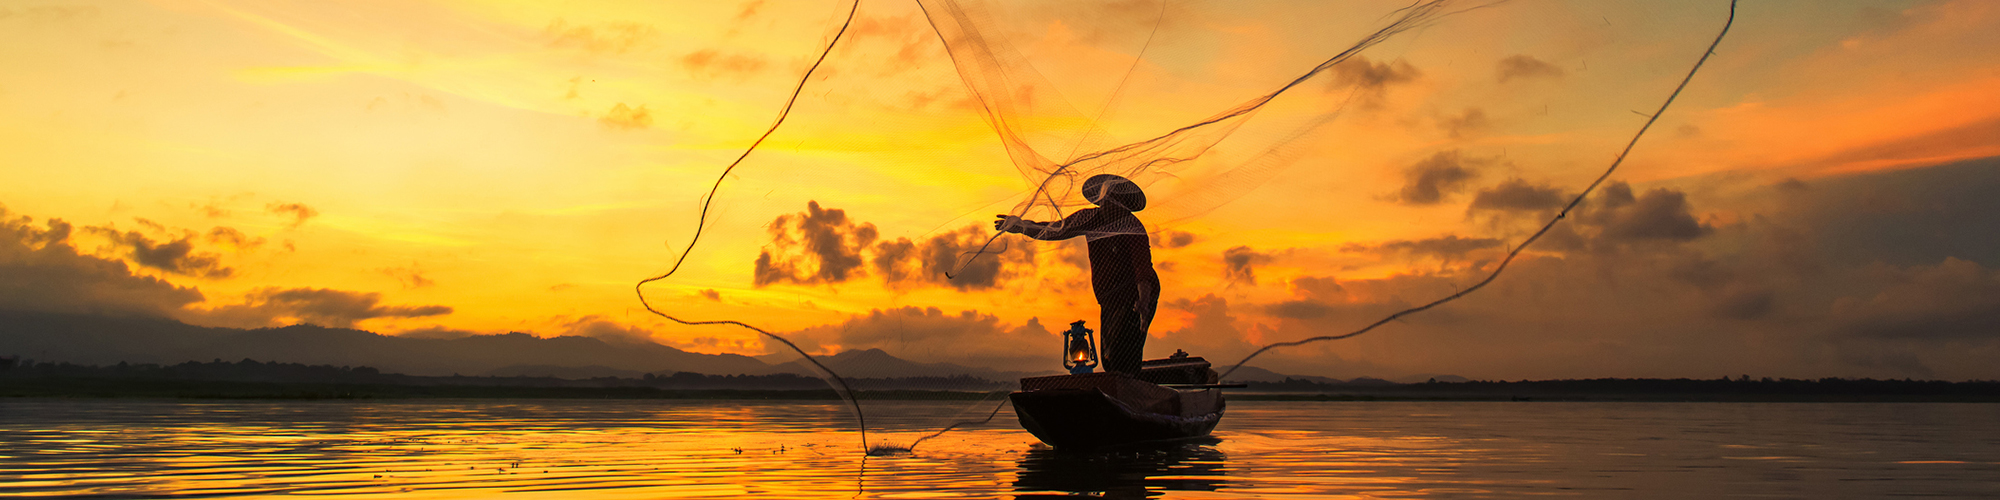 Descubriendo Laos en tuc - tuc - El País Viajes